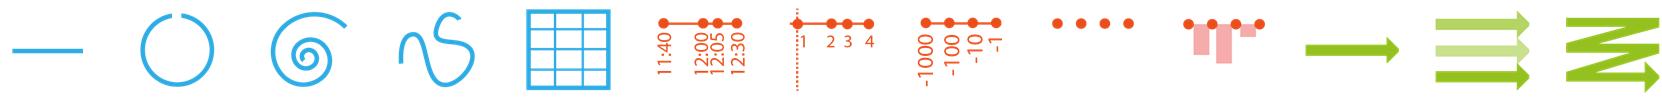 Timeline Design dimensions